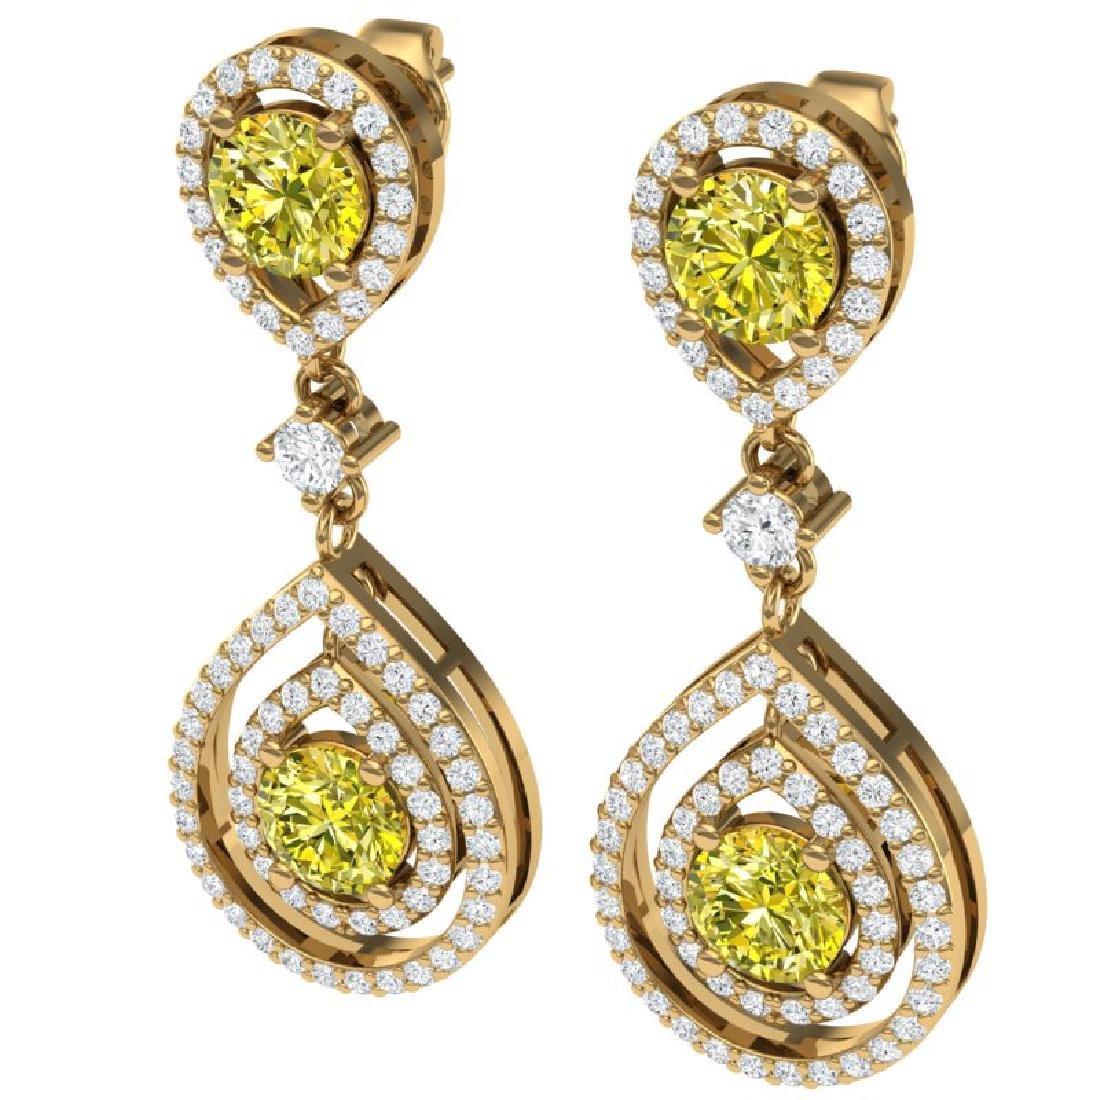 3.9 CTW Fancy Yellow SI Diamond Earrings 18K Yellow